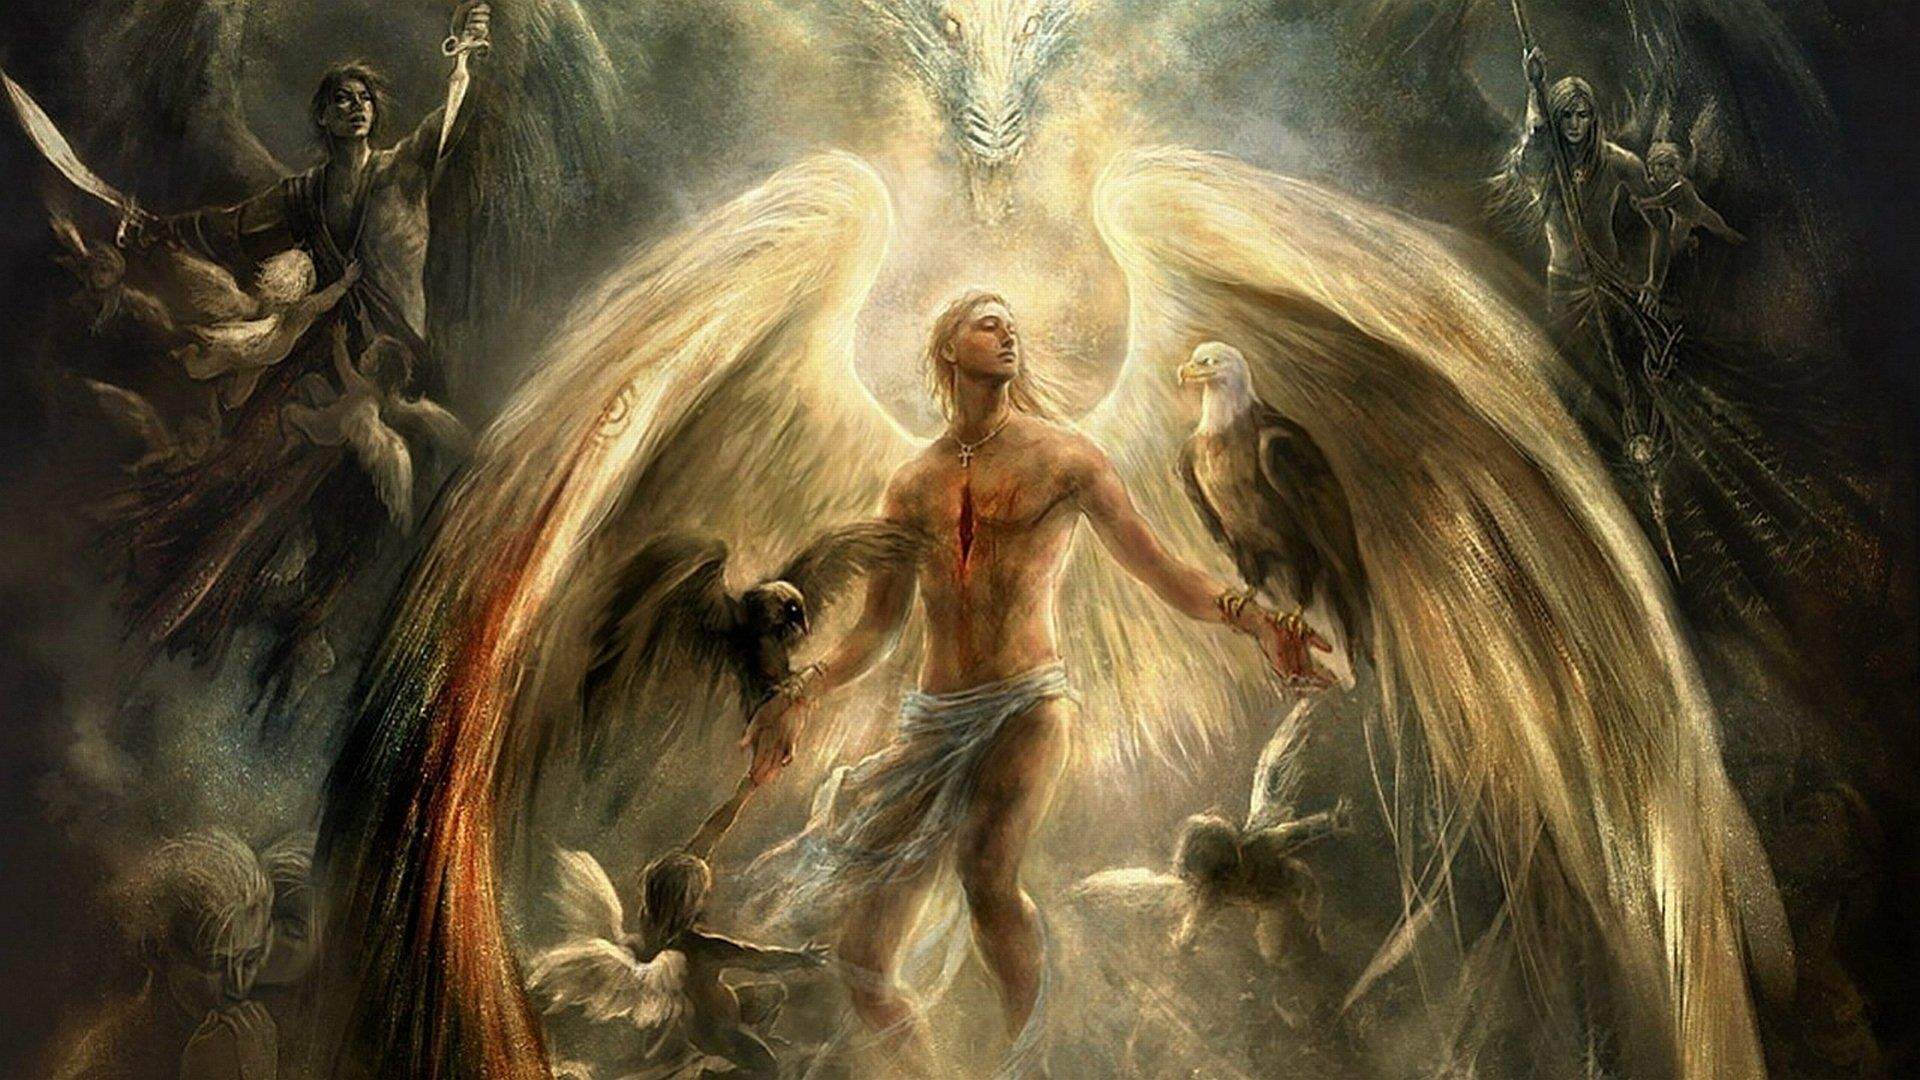 Lucifer The Fallen Angel